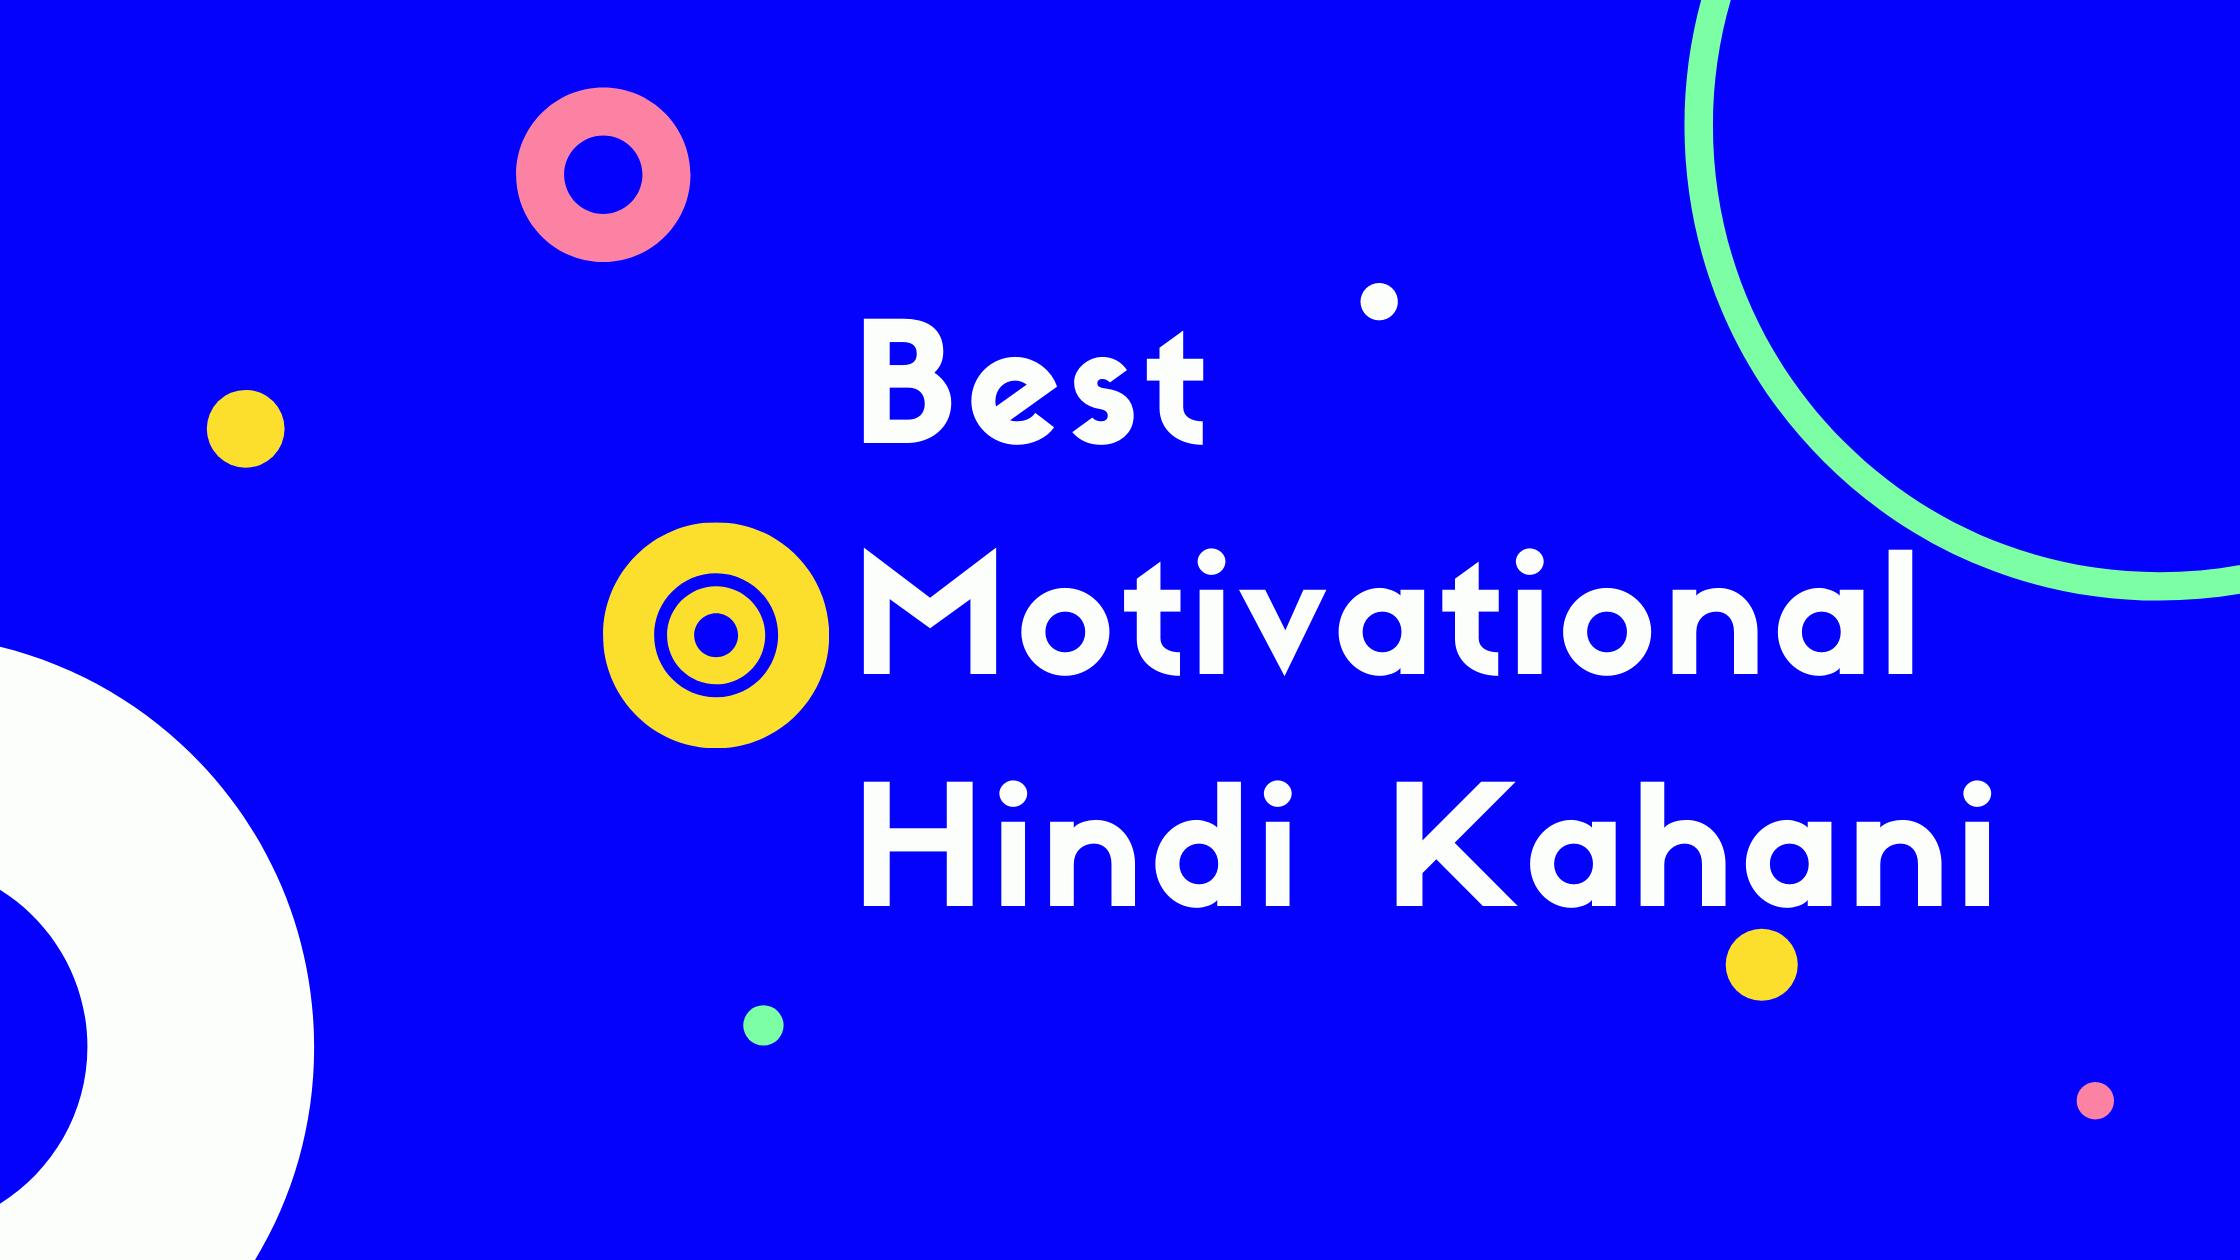 Best-Motivational-Hindi-Kahani